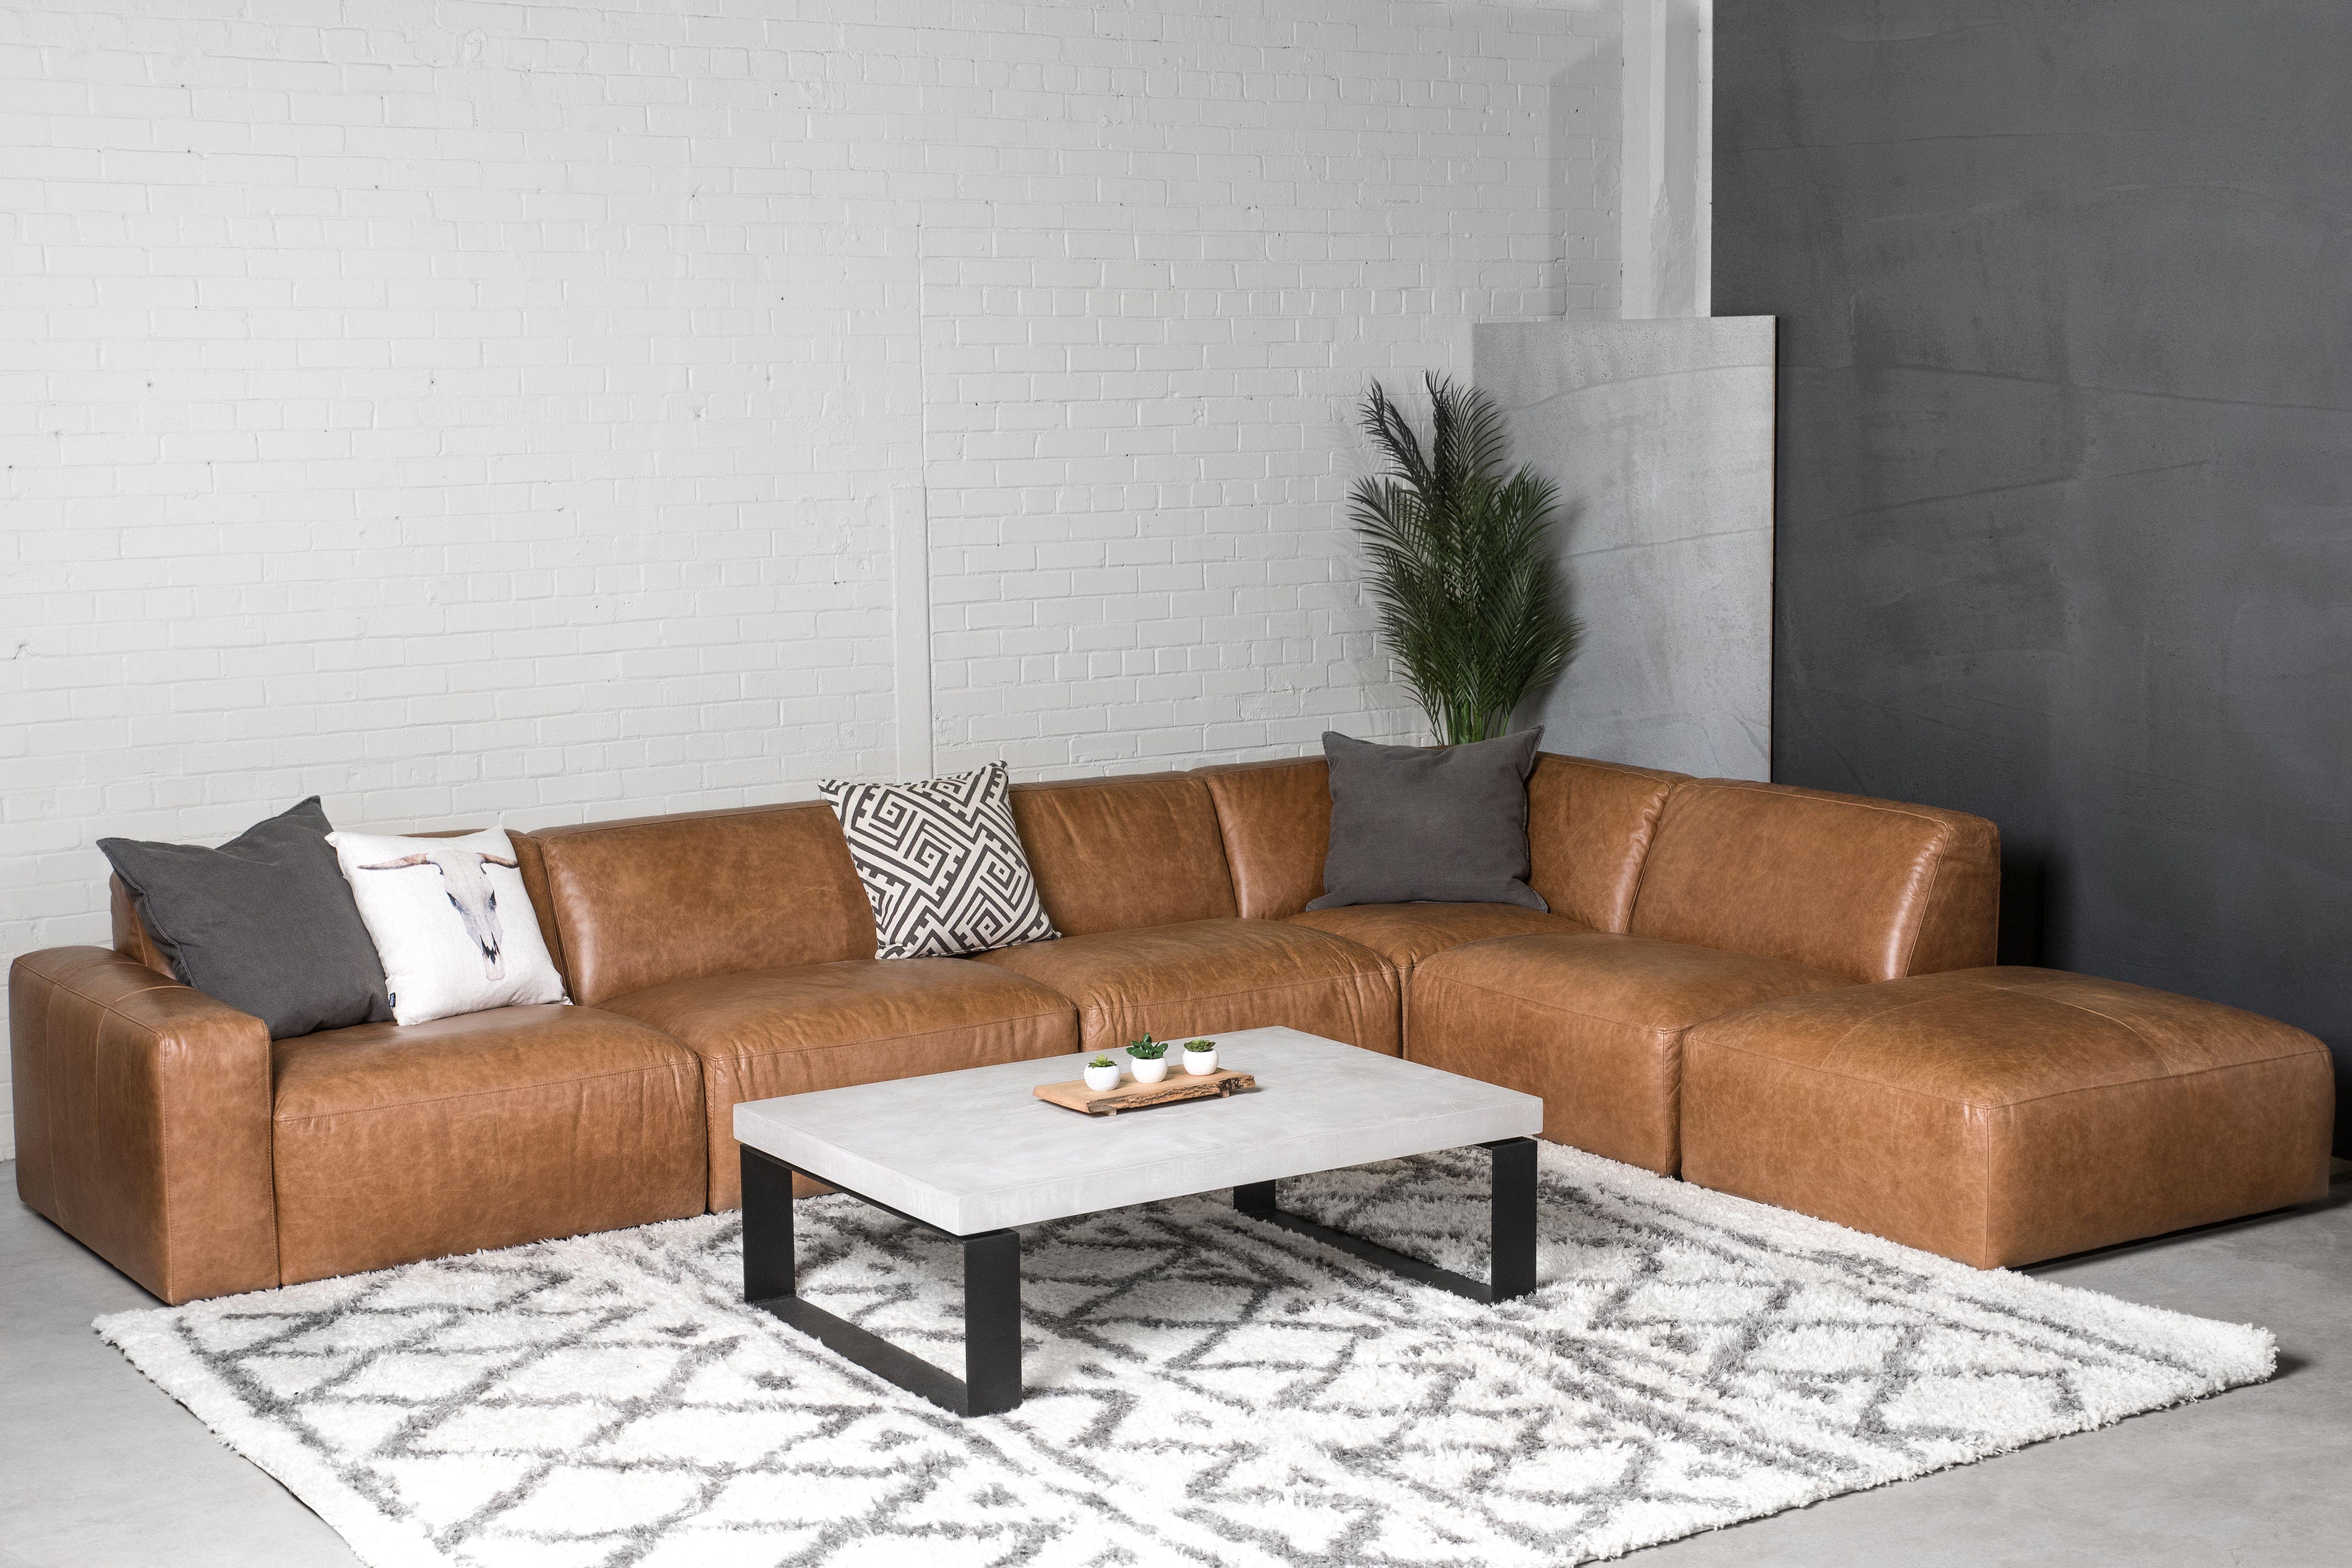 Modulaire Maverick Cuir M2831 Table De Centre Verona Beton Ciment 48 X 32 2 1 2 Epais Tapis Quinlan Surmesure Home Sectional Couch Decor